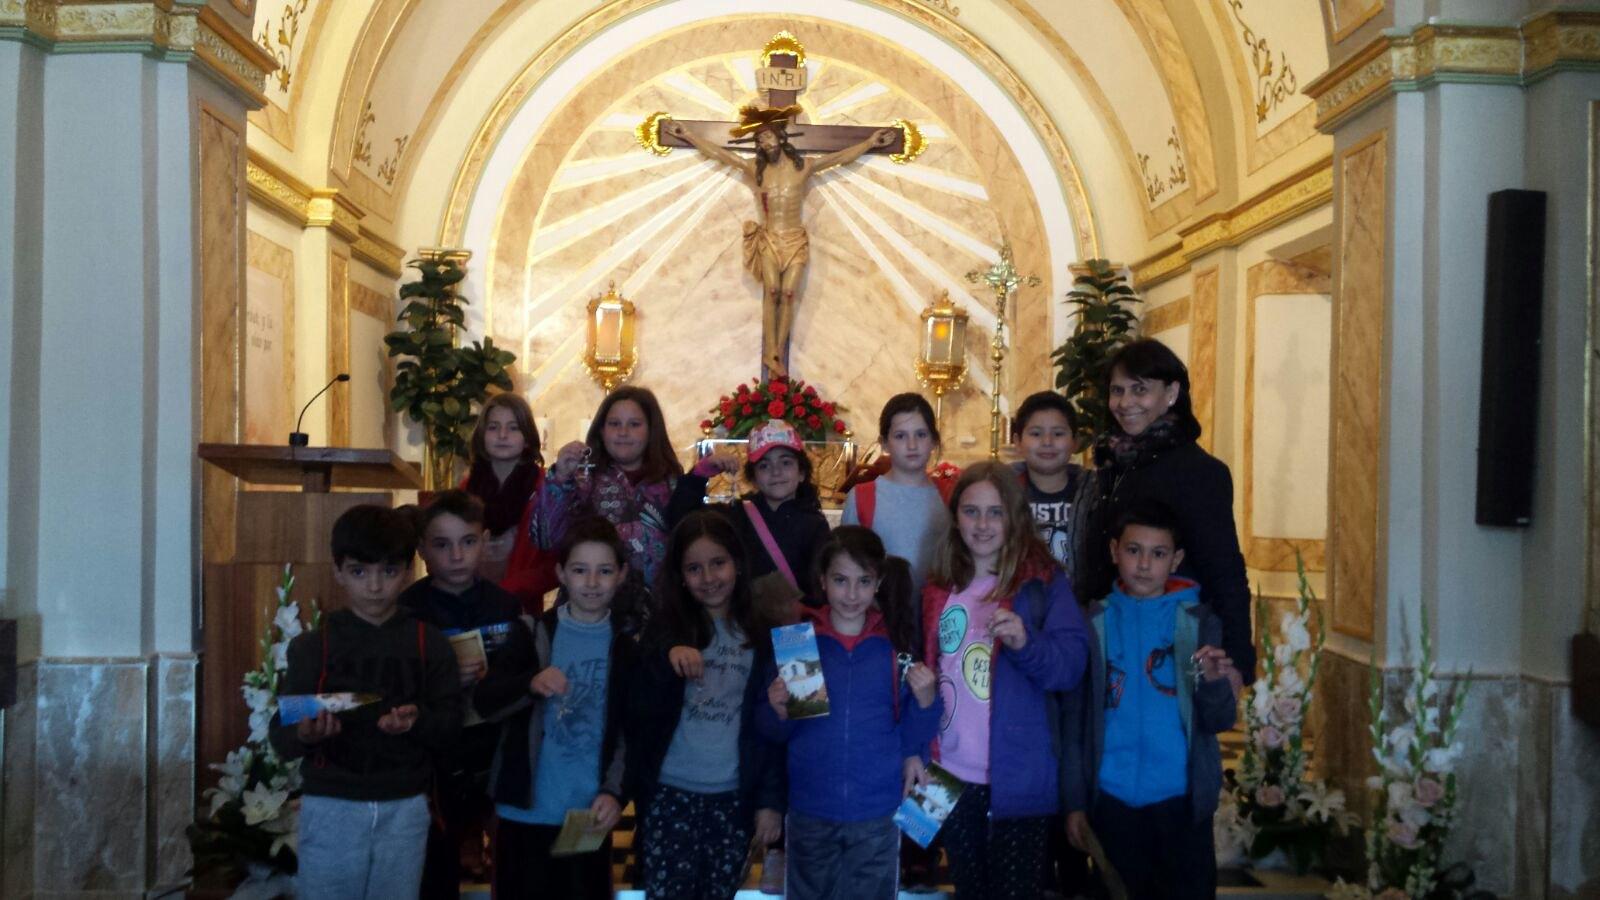 (2018-03-16) - Visita ermita alumnos Laura,3ºB, profesora religión Reina Sofia - Marzo -  María Isabel Berenguer Brotons (04)